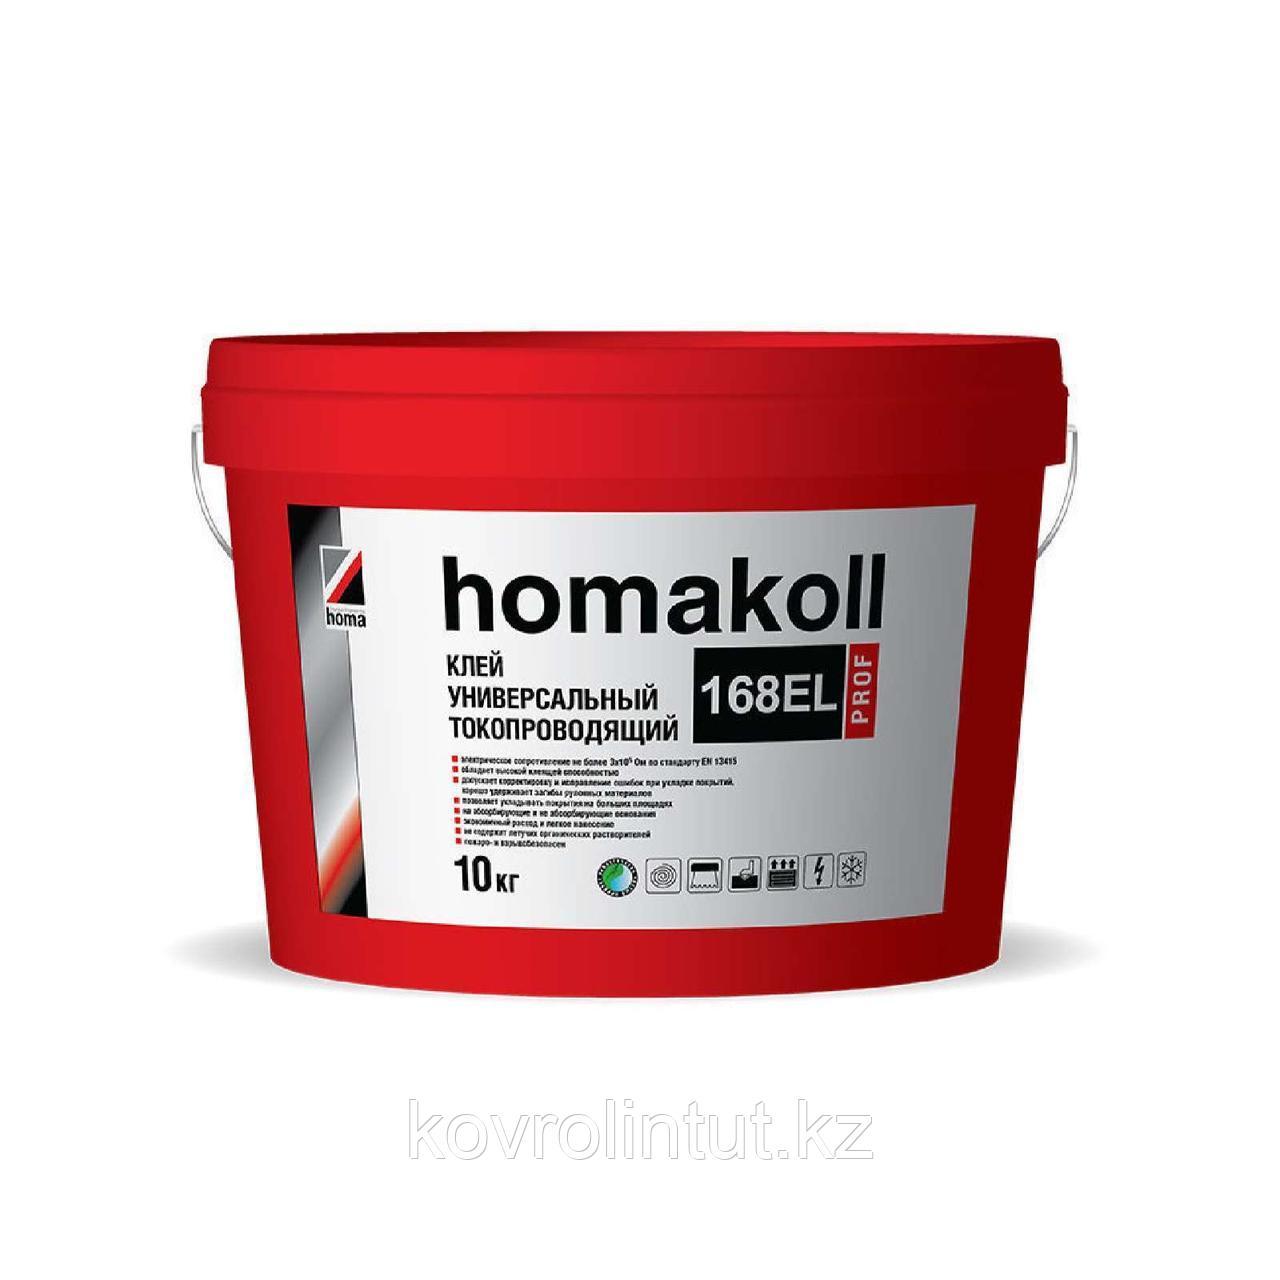 Клей Homakoll 168 Prof для токопроводящих покрытий, 10 кг